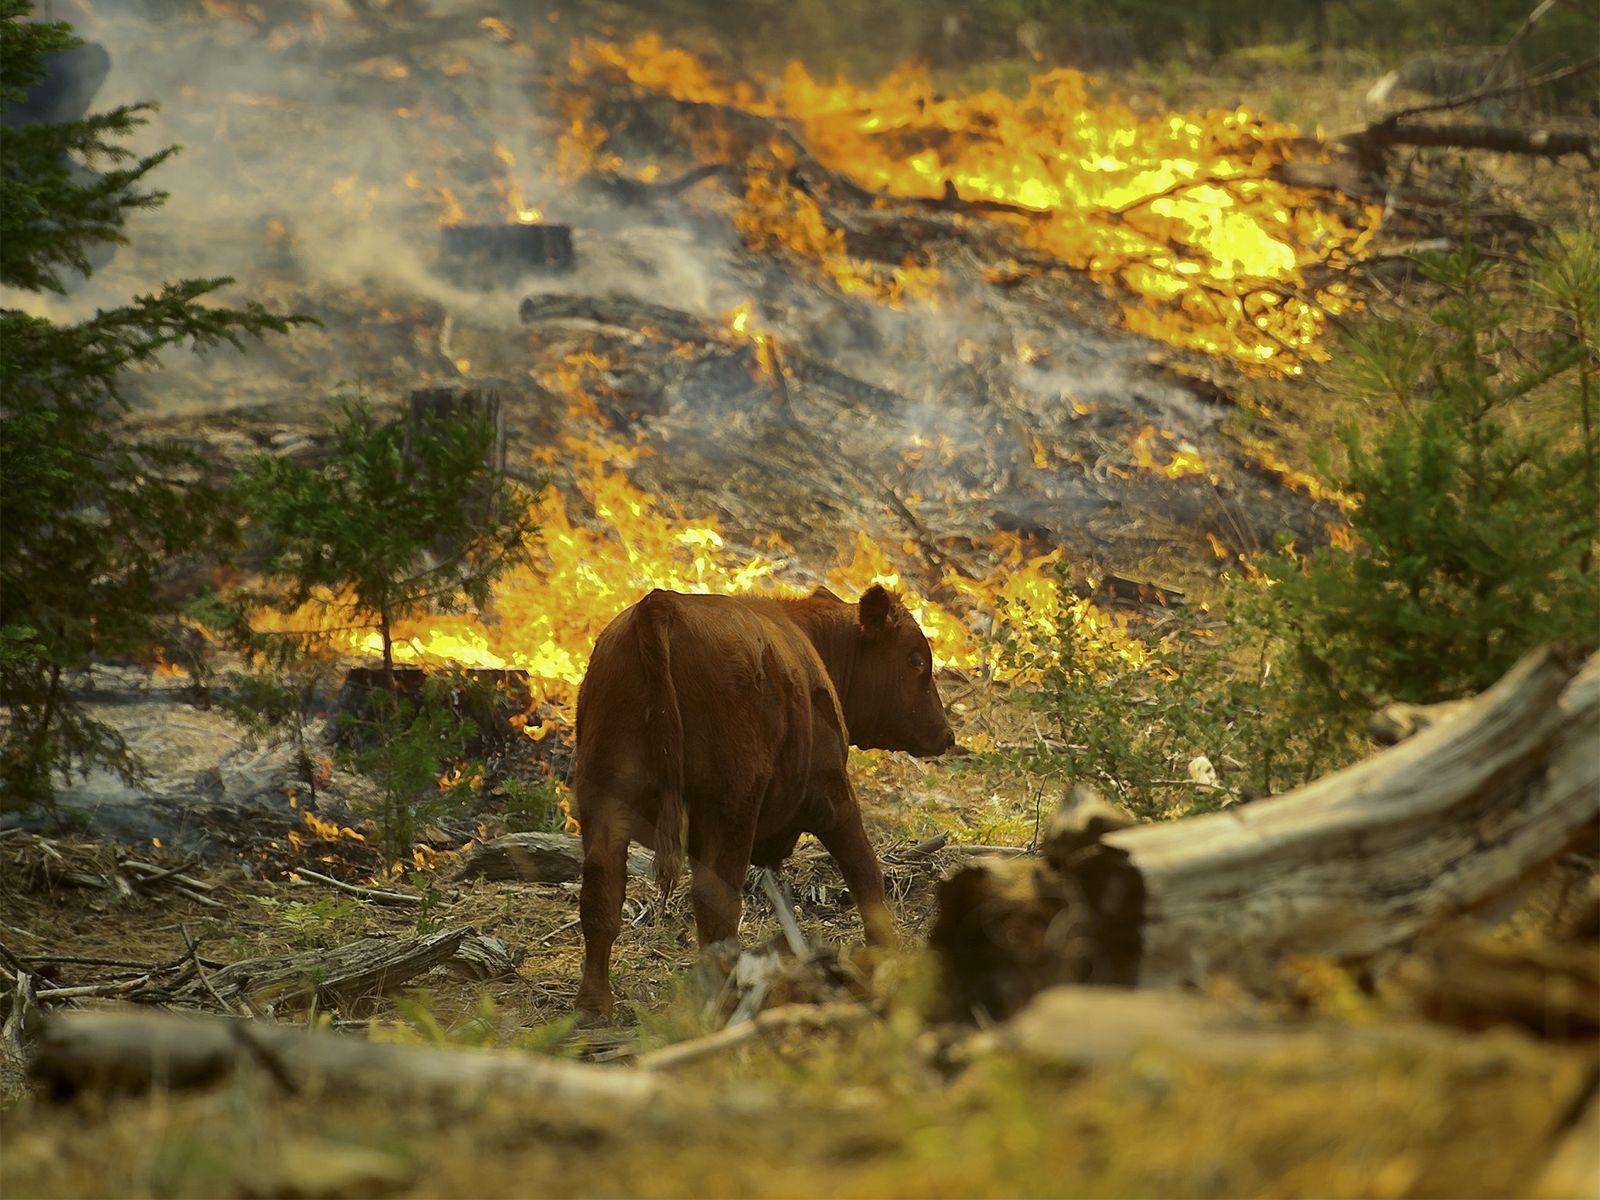 Que Hacen Los Animales Salvajes Durante Los Incendios Forestales National Geographic